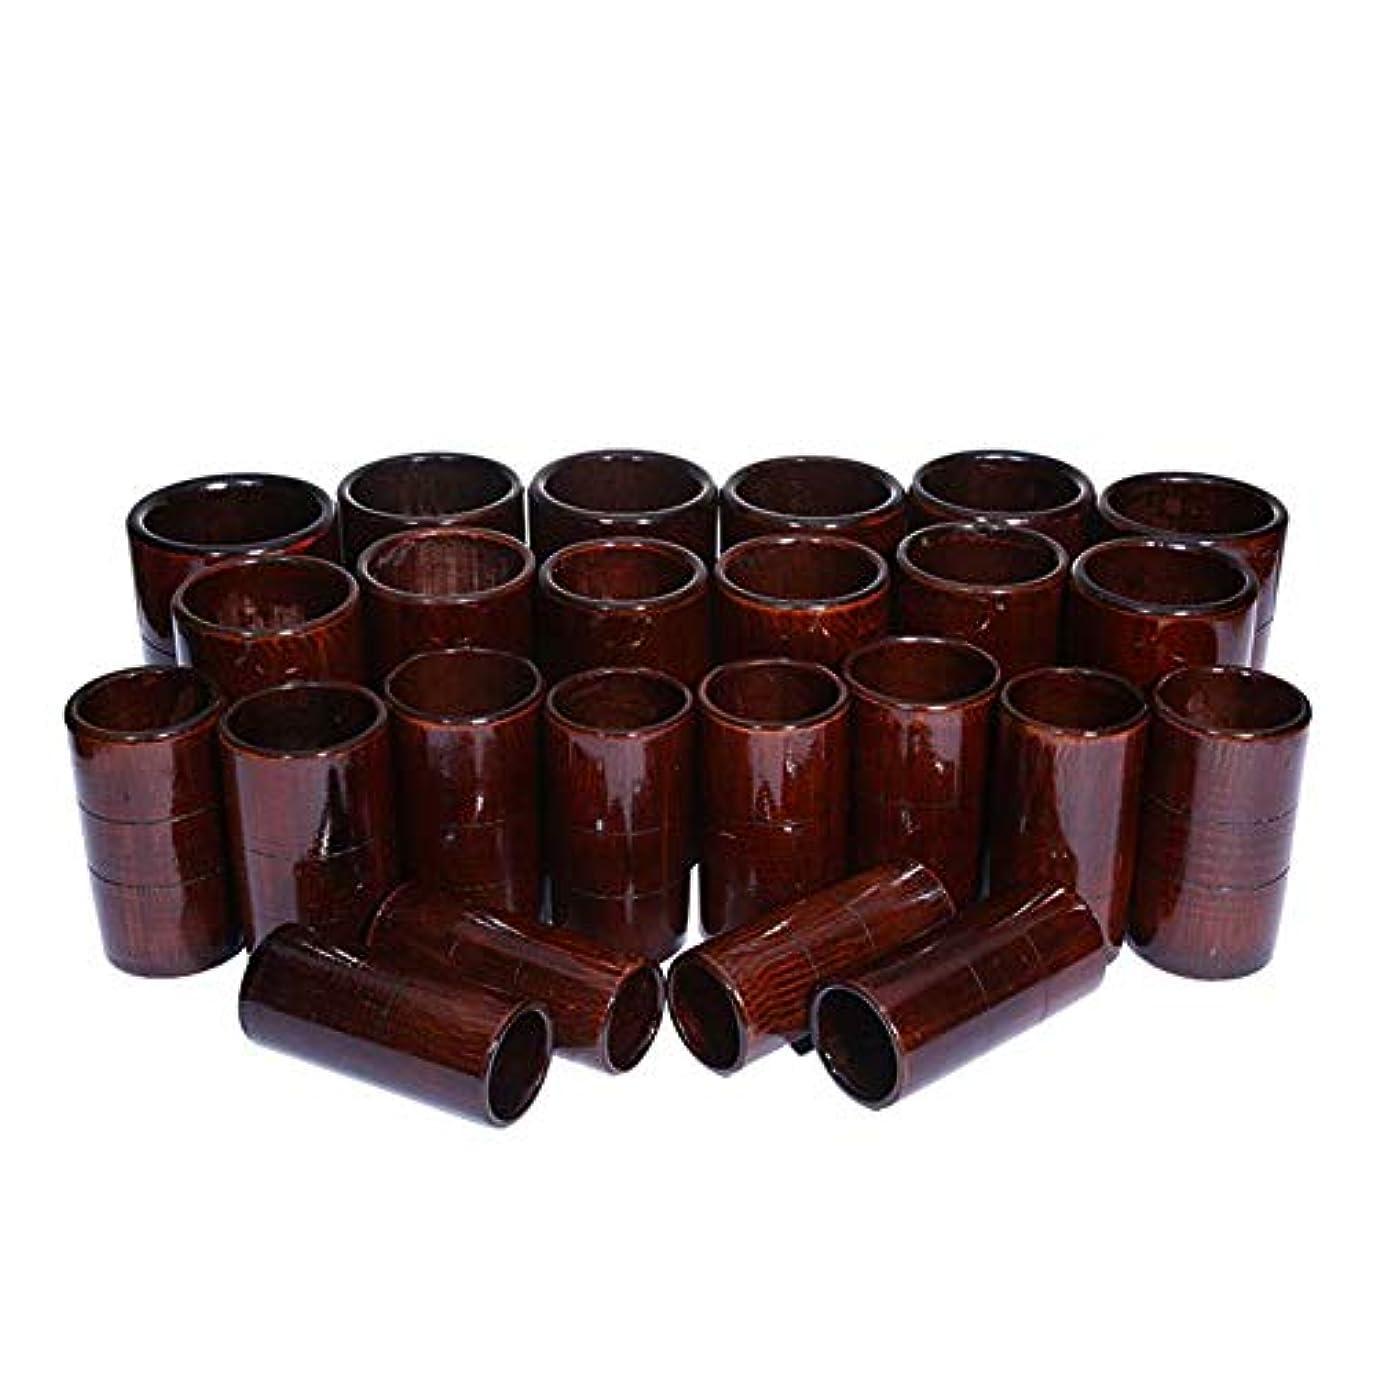 荒れ地静けさクレデンシャルカッピング竹鍼治療セットマッサージバキュームカップキットチャコール缶ボディ医療サクションセット,A10pcs